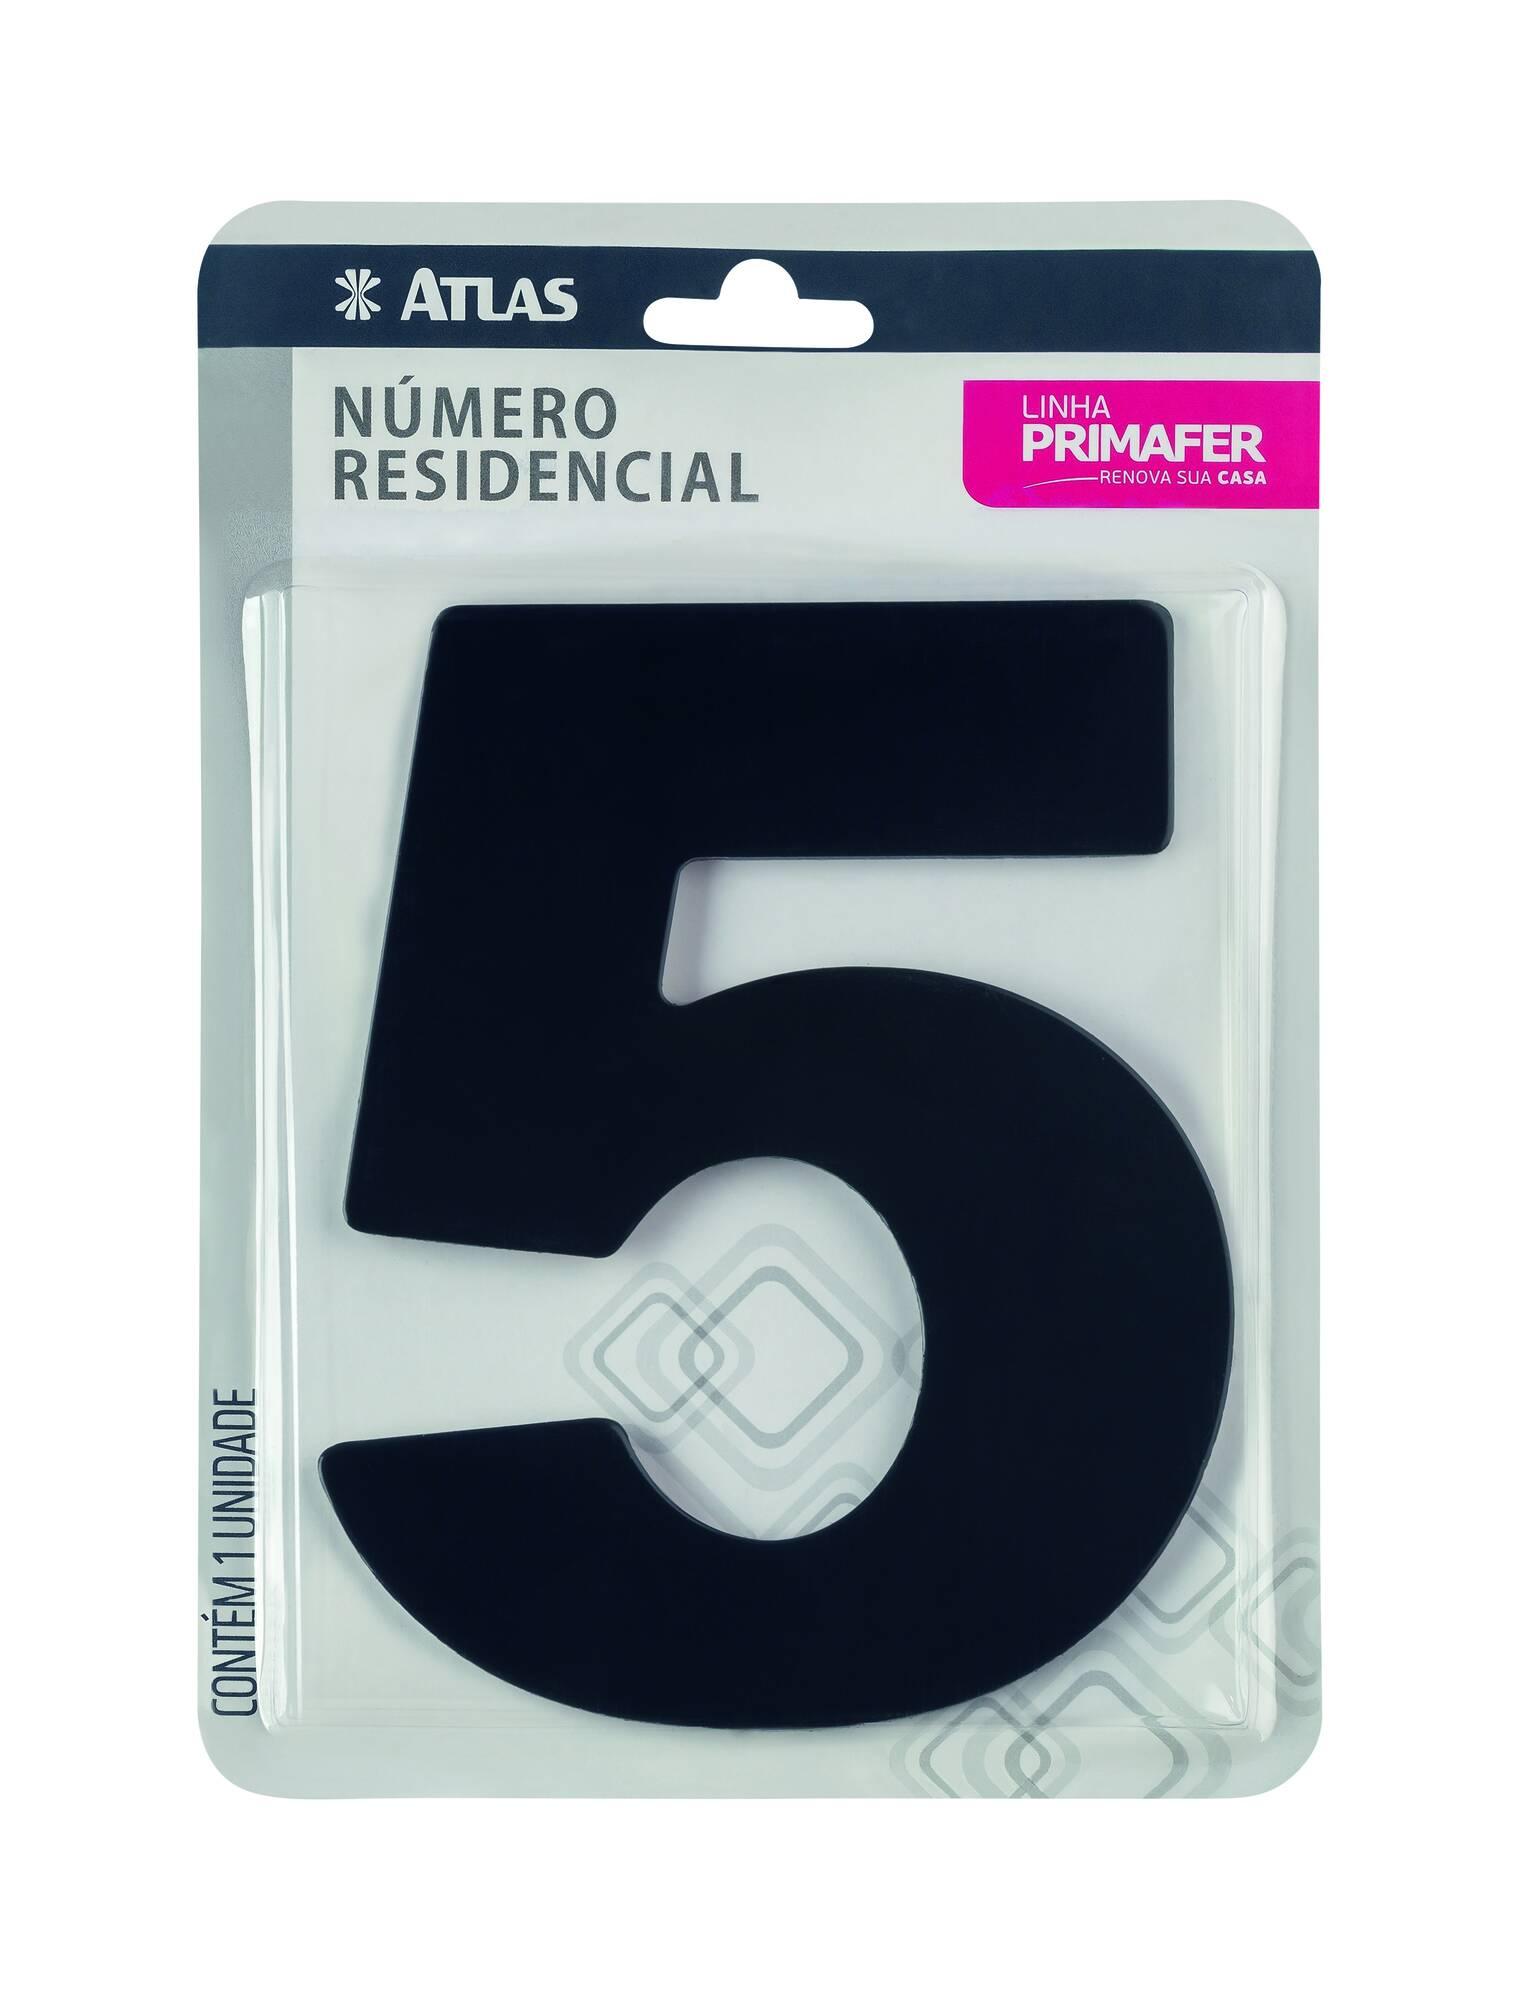 Número residencial Adesivo Preto N° 5 Atlas PR3000/5.